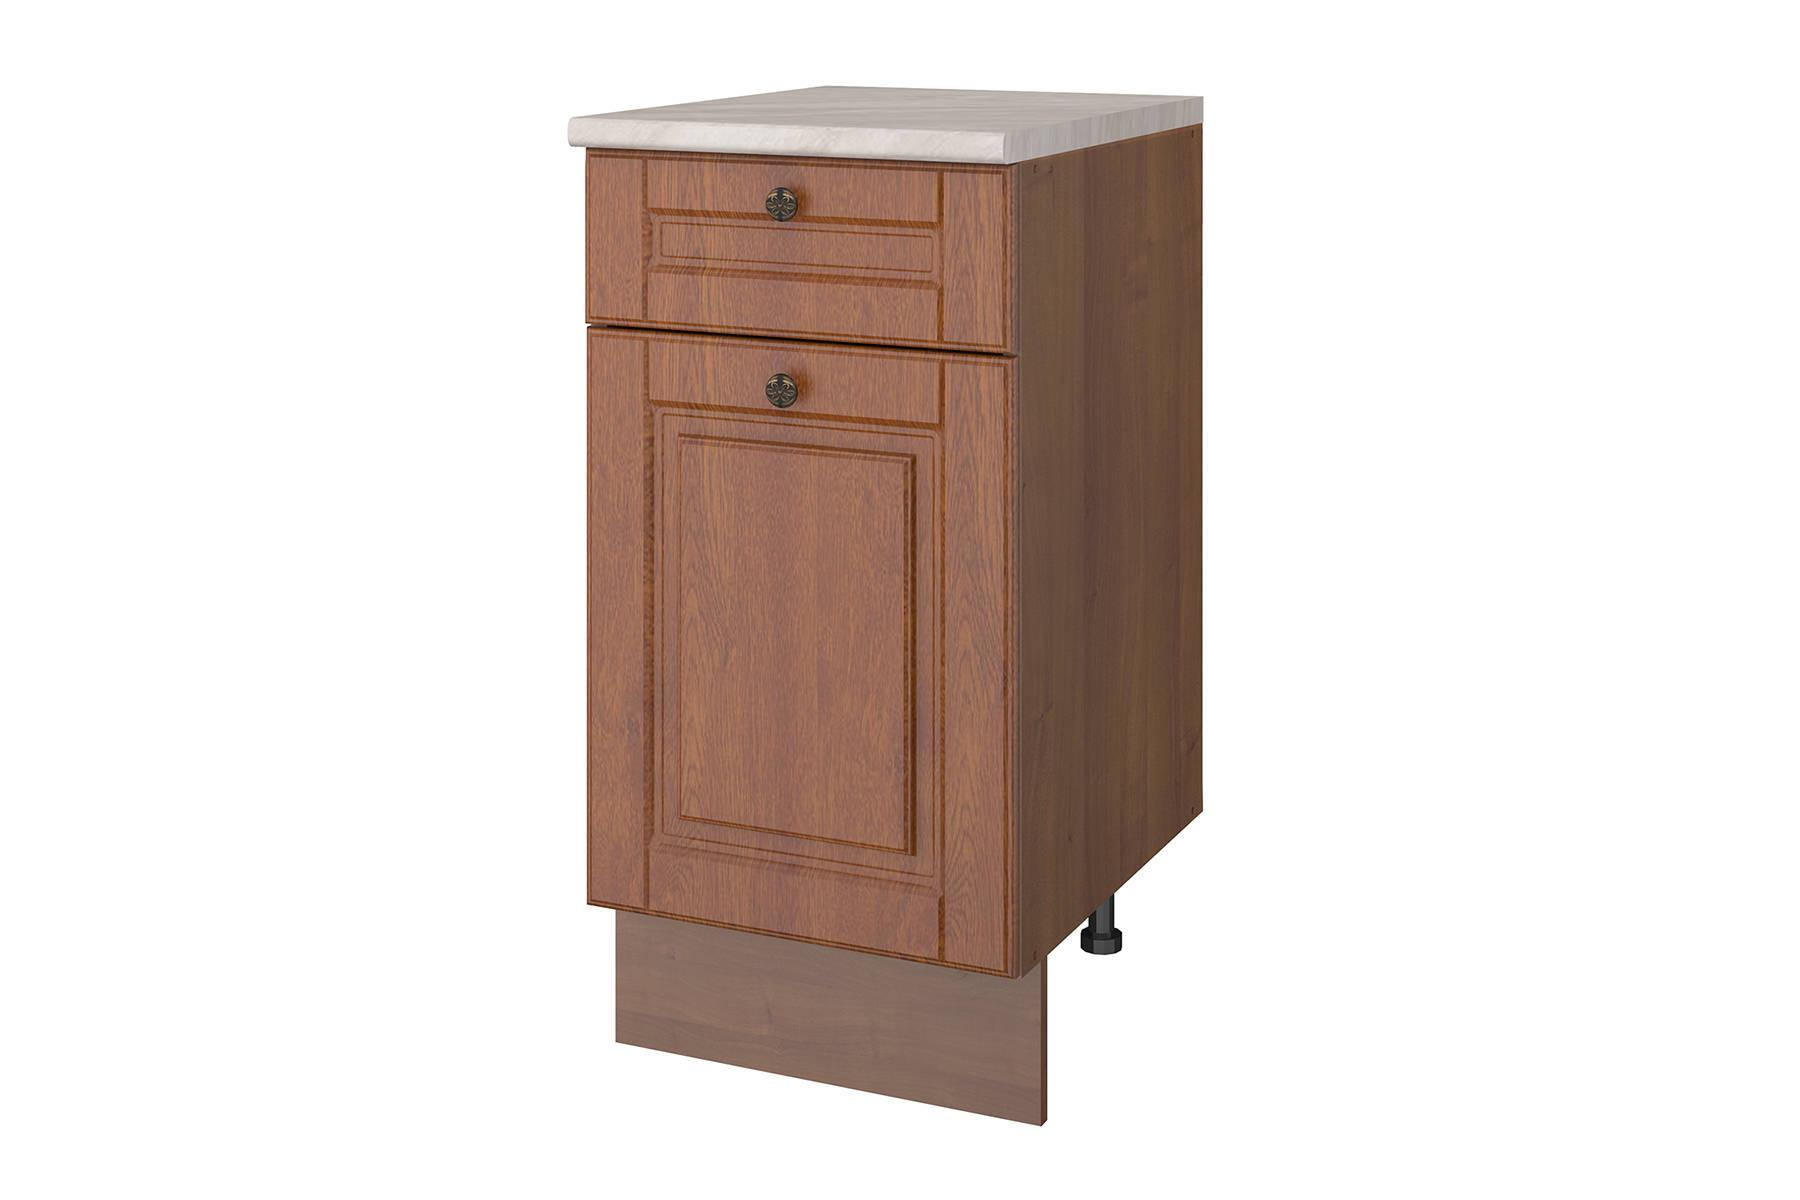 Шкаф напольный с ящиком Lima СТЛ.308.05 шкаф навесной для вытяжки lima стл 308 04